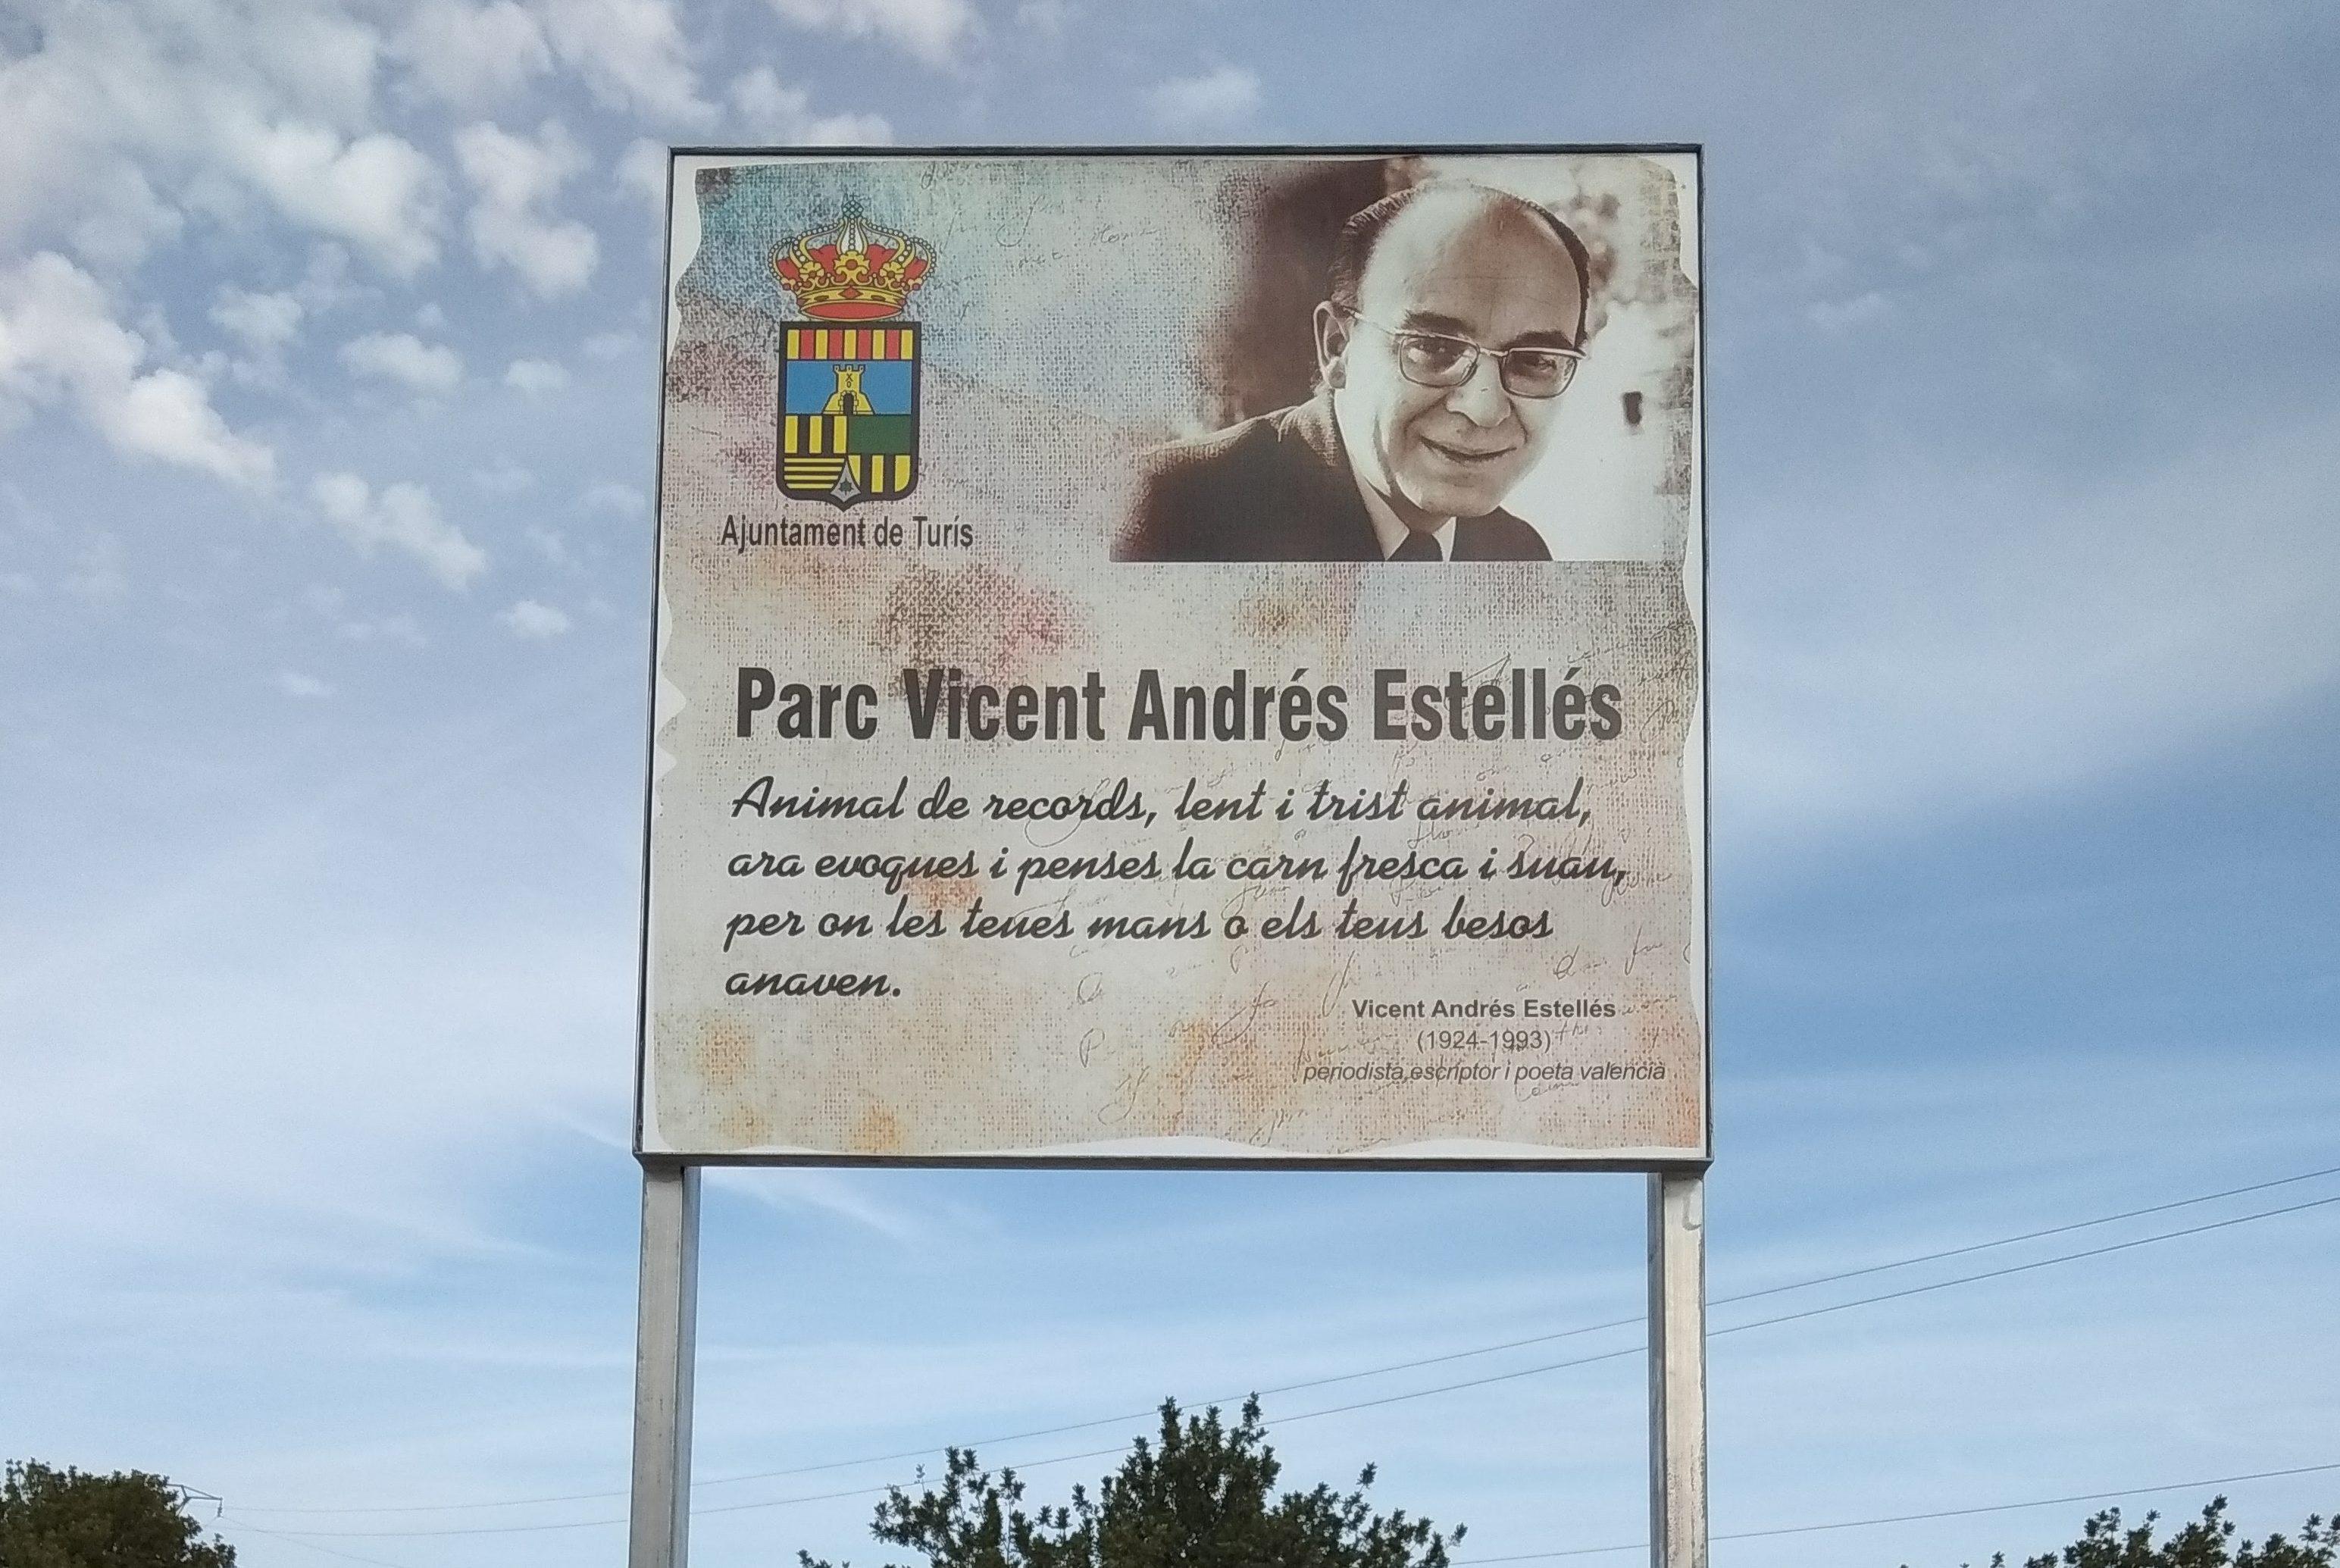 El parc situat en el carrer Juan Ramón Soler es dedica a la figura literària del poeta Vicent Andrés Estellés.